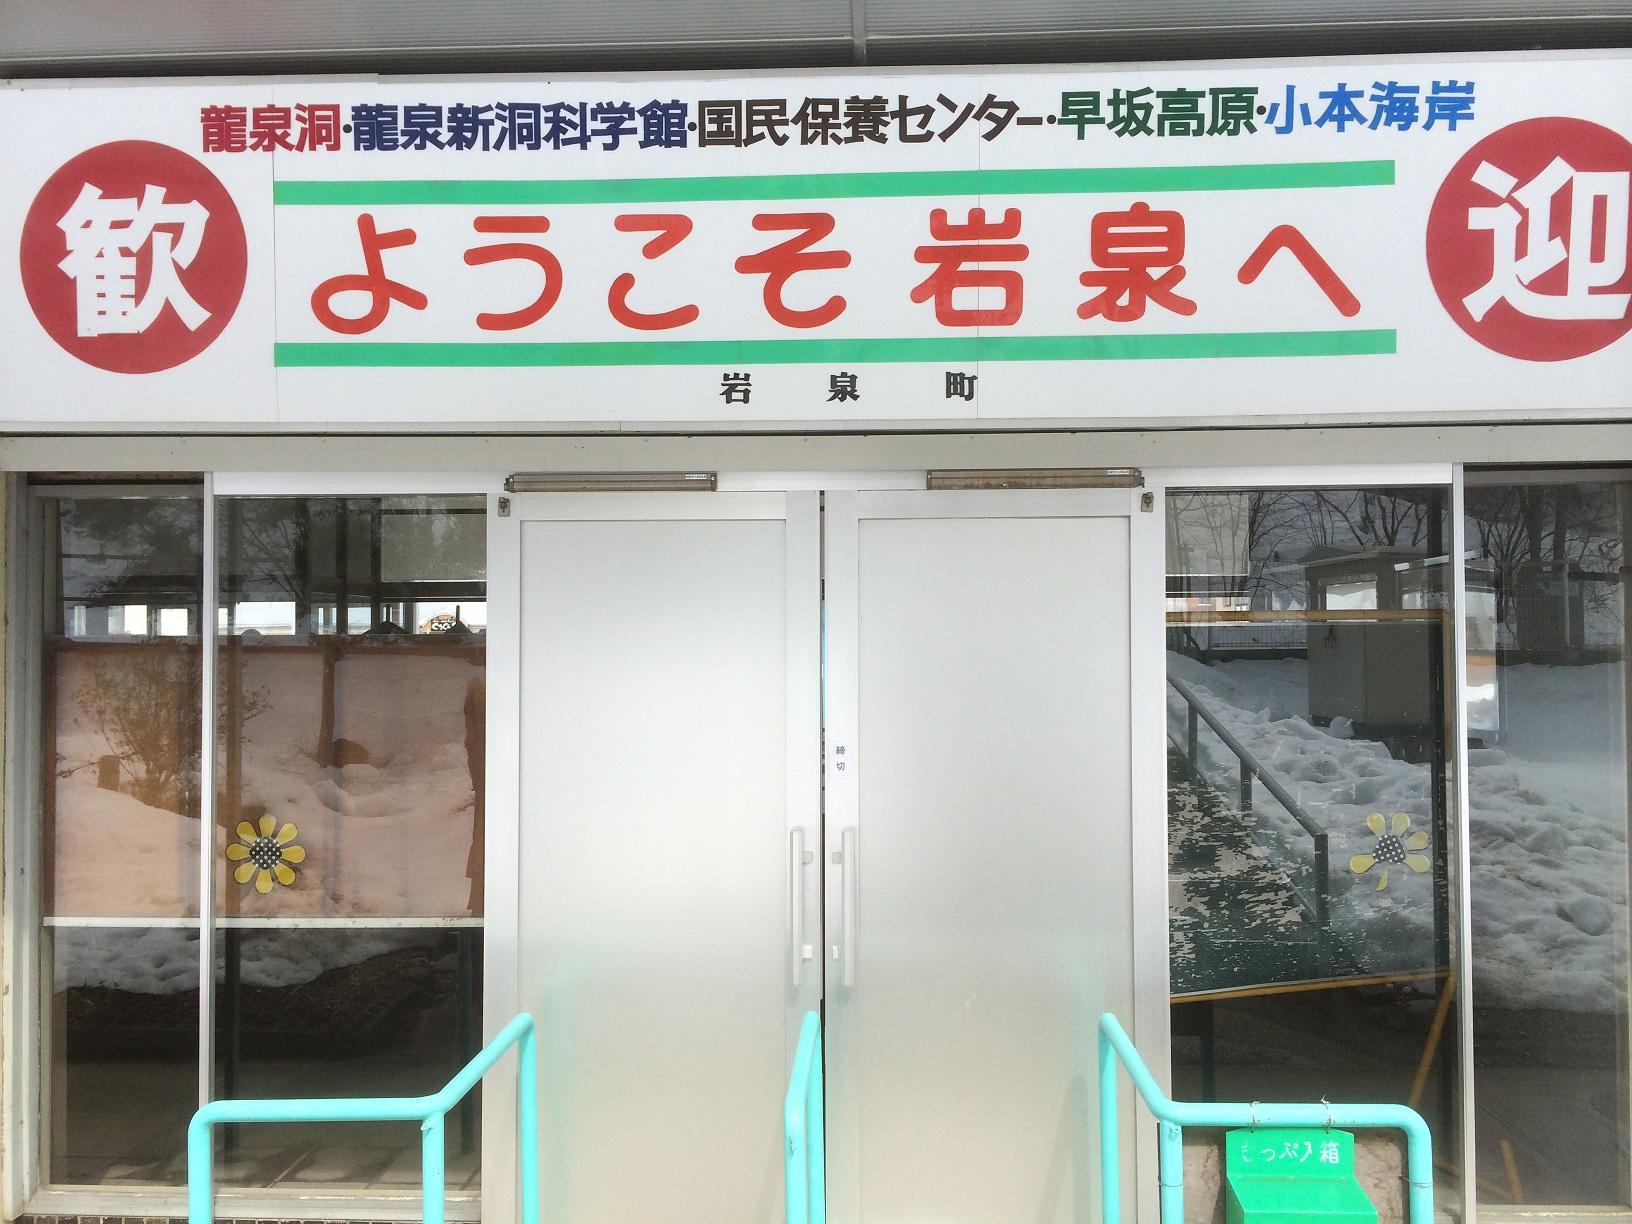 Iwaizumi13